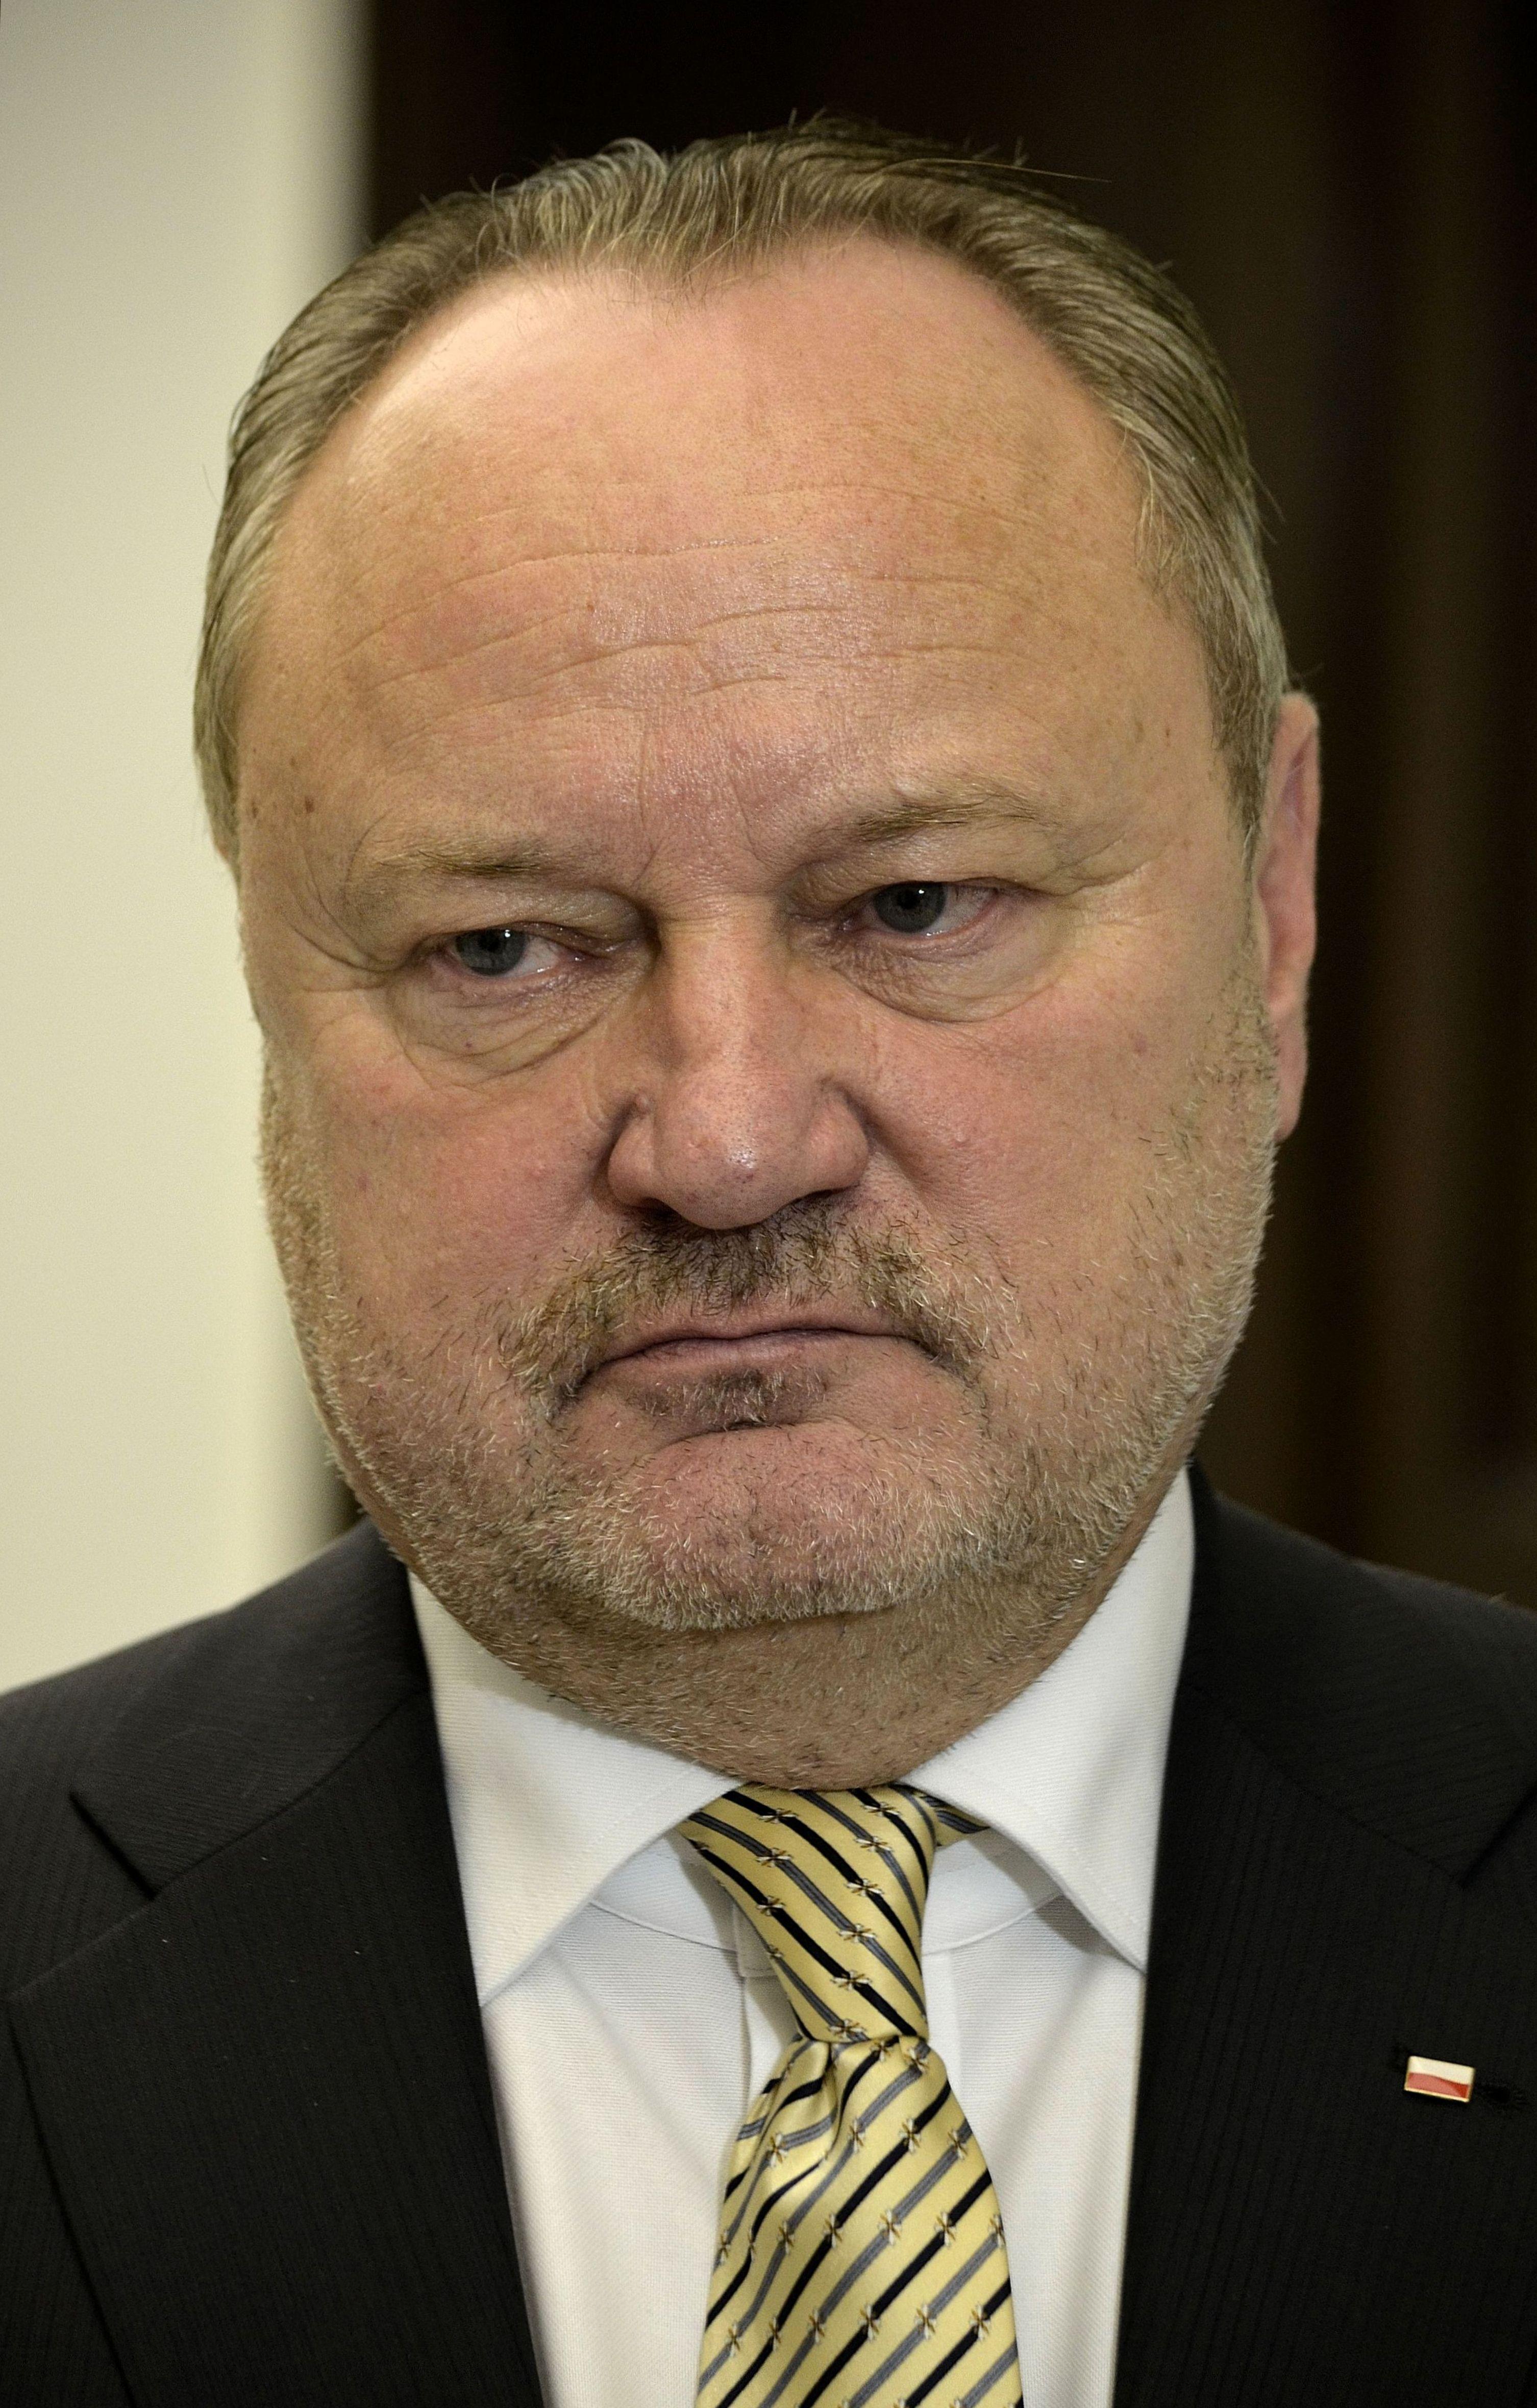 Polski wzrost ciągnie konsumpcja, spożycie, wydatki gospodarstw domowych. I to jest na pewno pośrednio efekt Programu 500 plus - mówi Szewczak (Janusz Szewczak, fot.wikipedia.org/Adrian Grycuk)